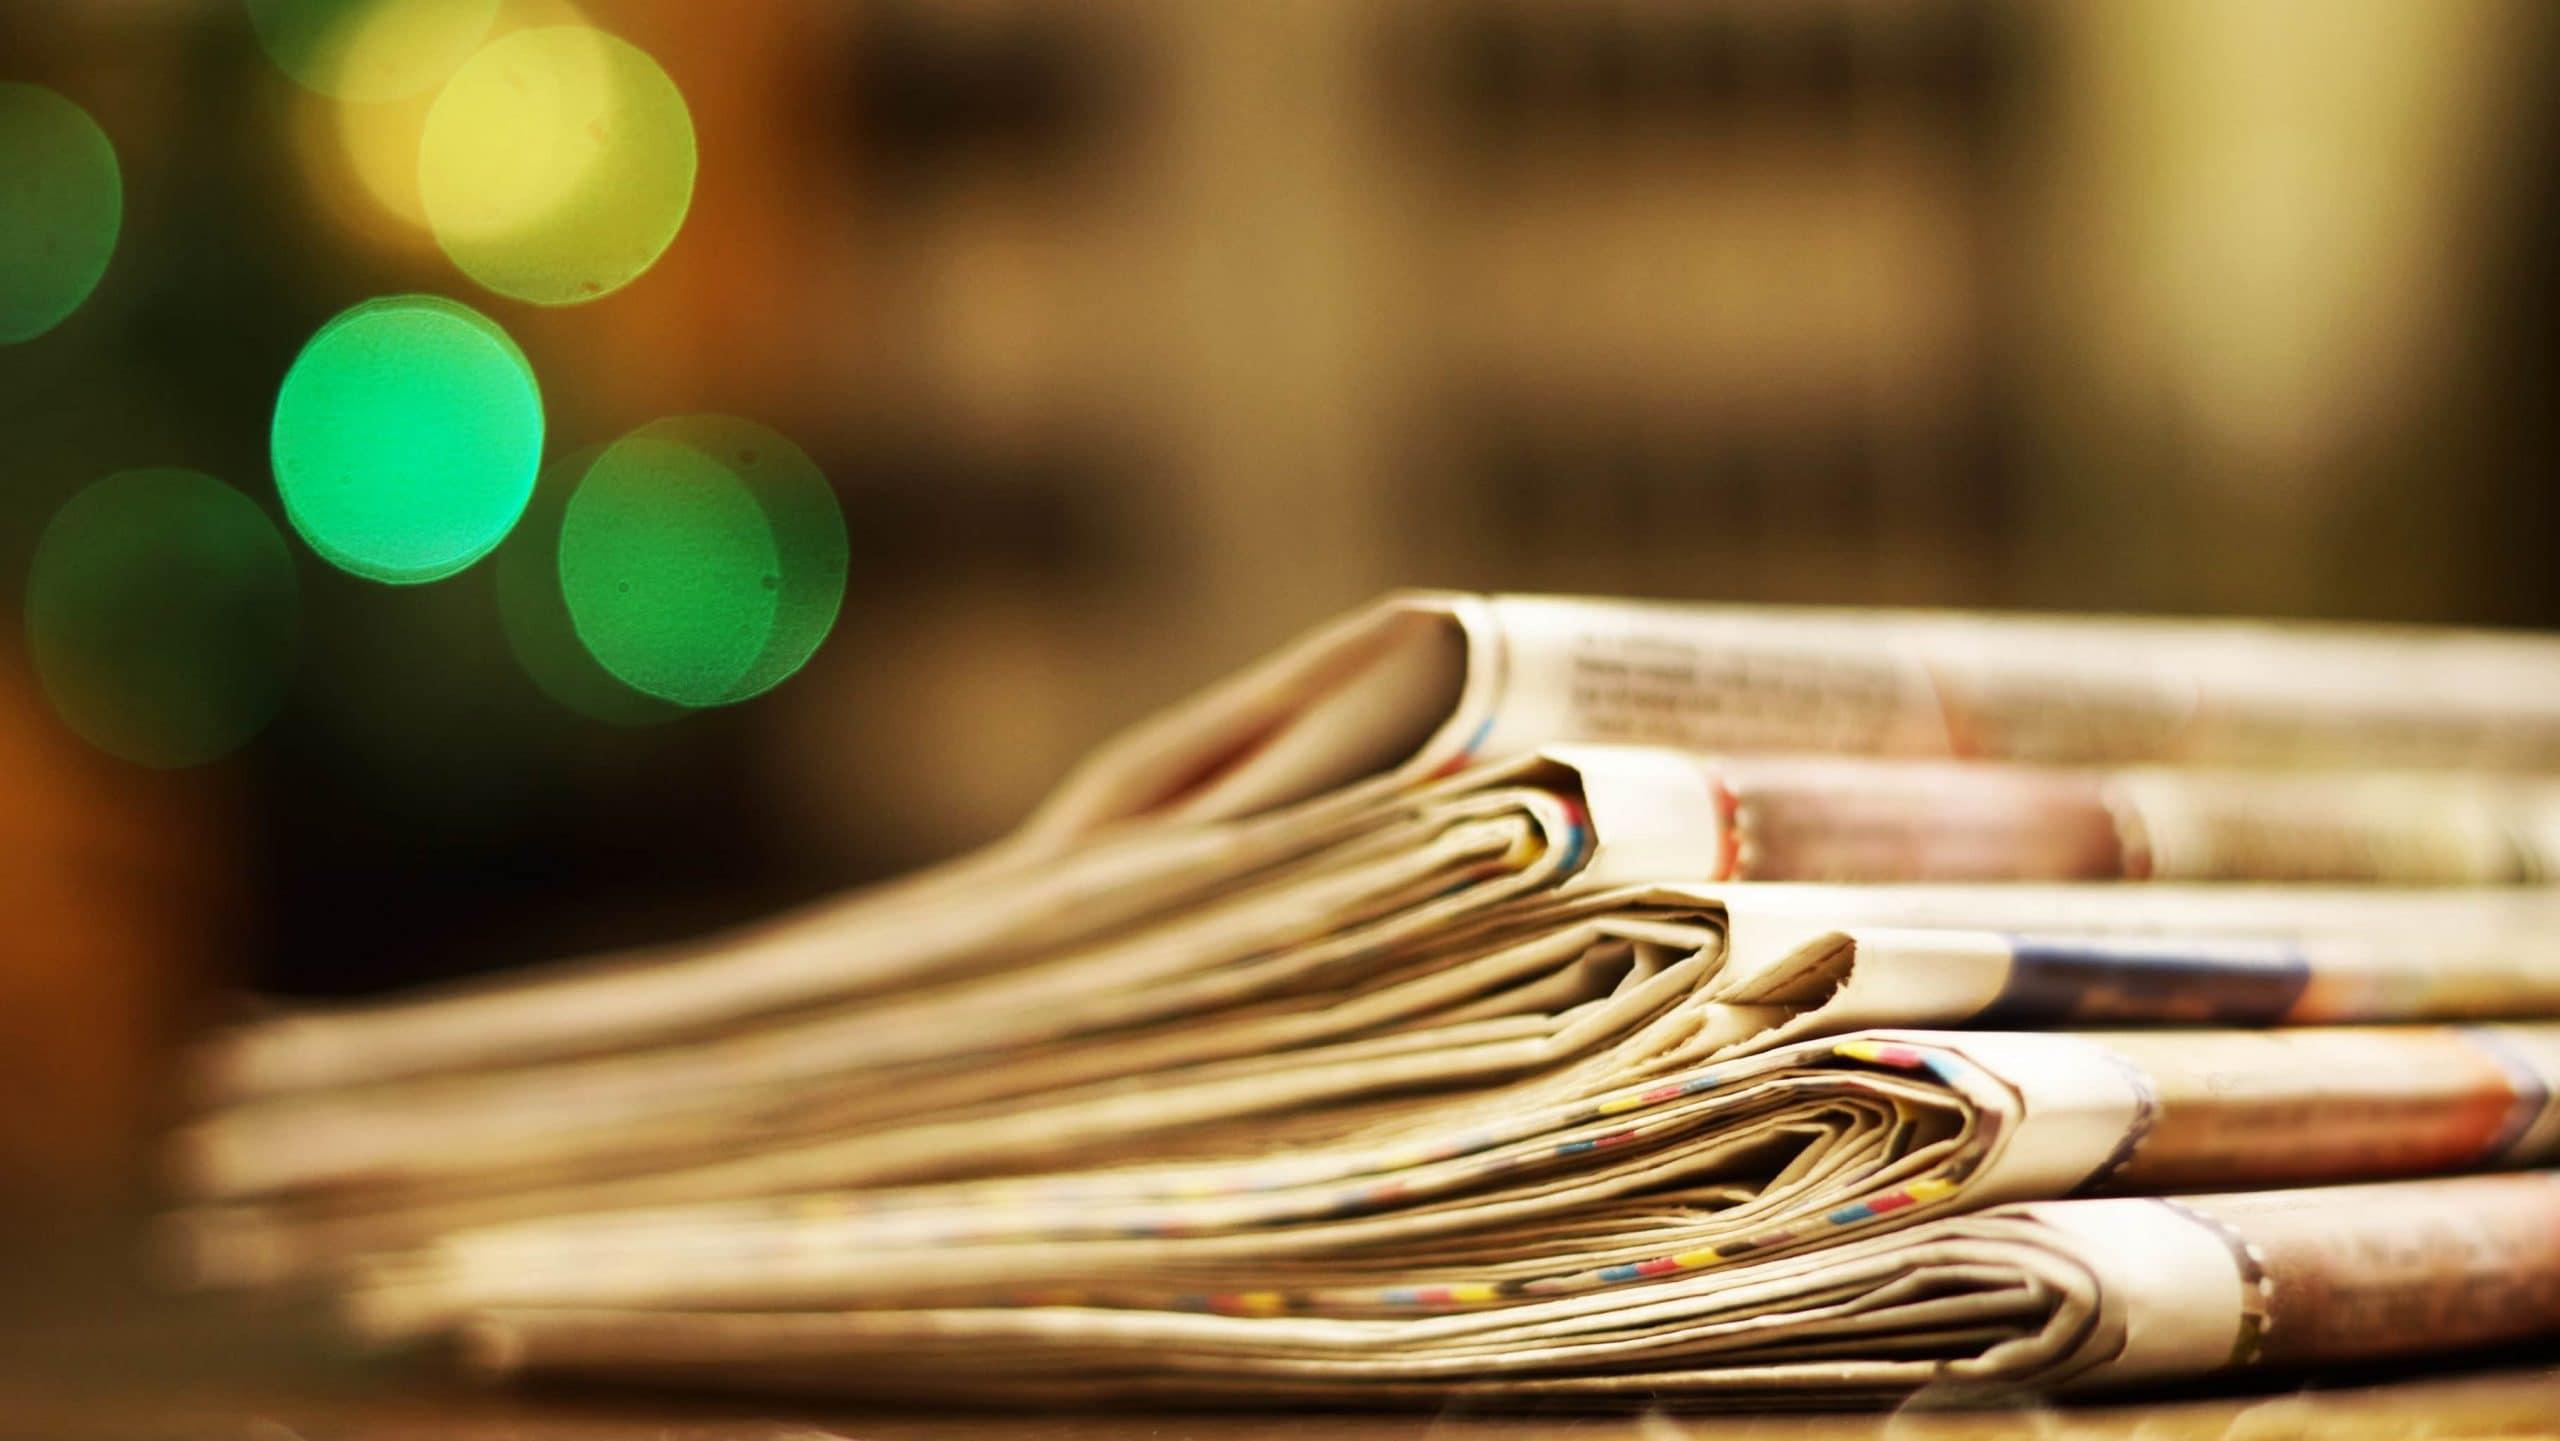 Zeitungen legen auf einem Stapel auf einem Tisch.